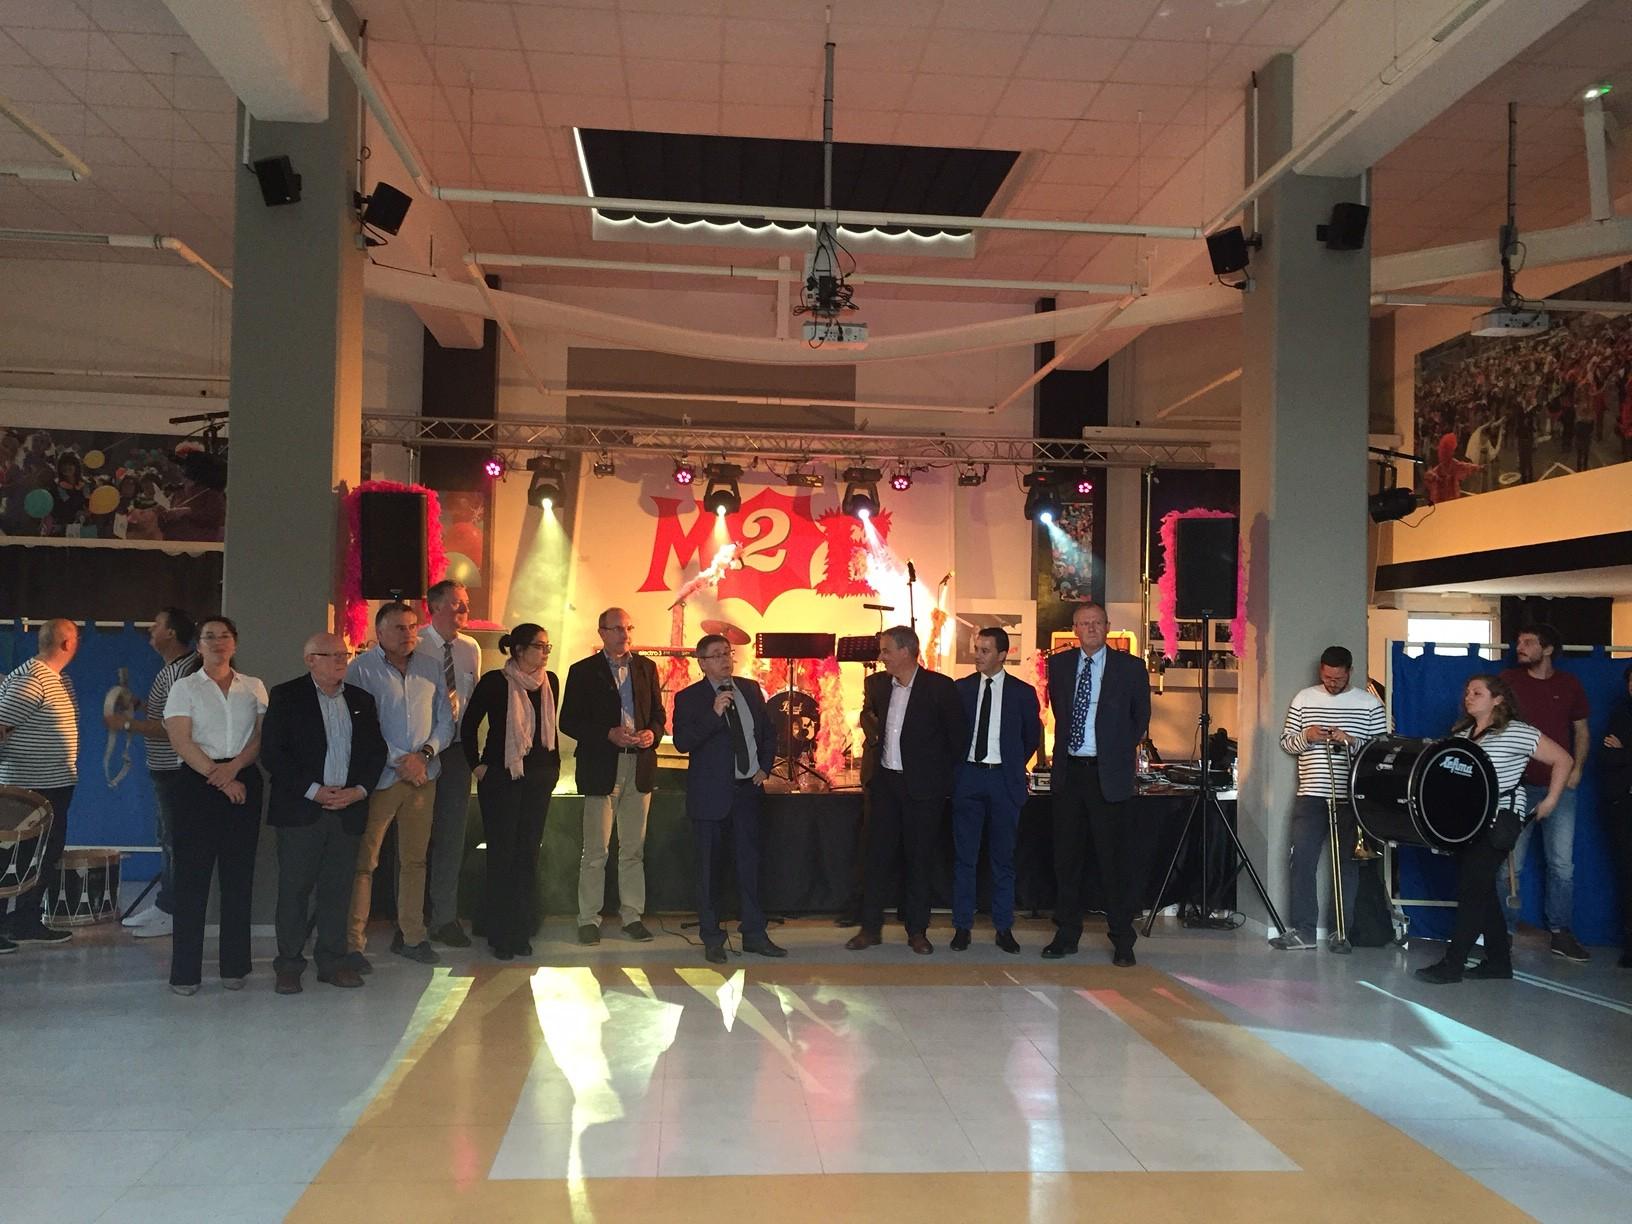 IDEES participe au Congrès Régional Hauts-de-France Nord Pas de Calais – Picardie